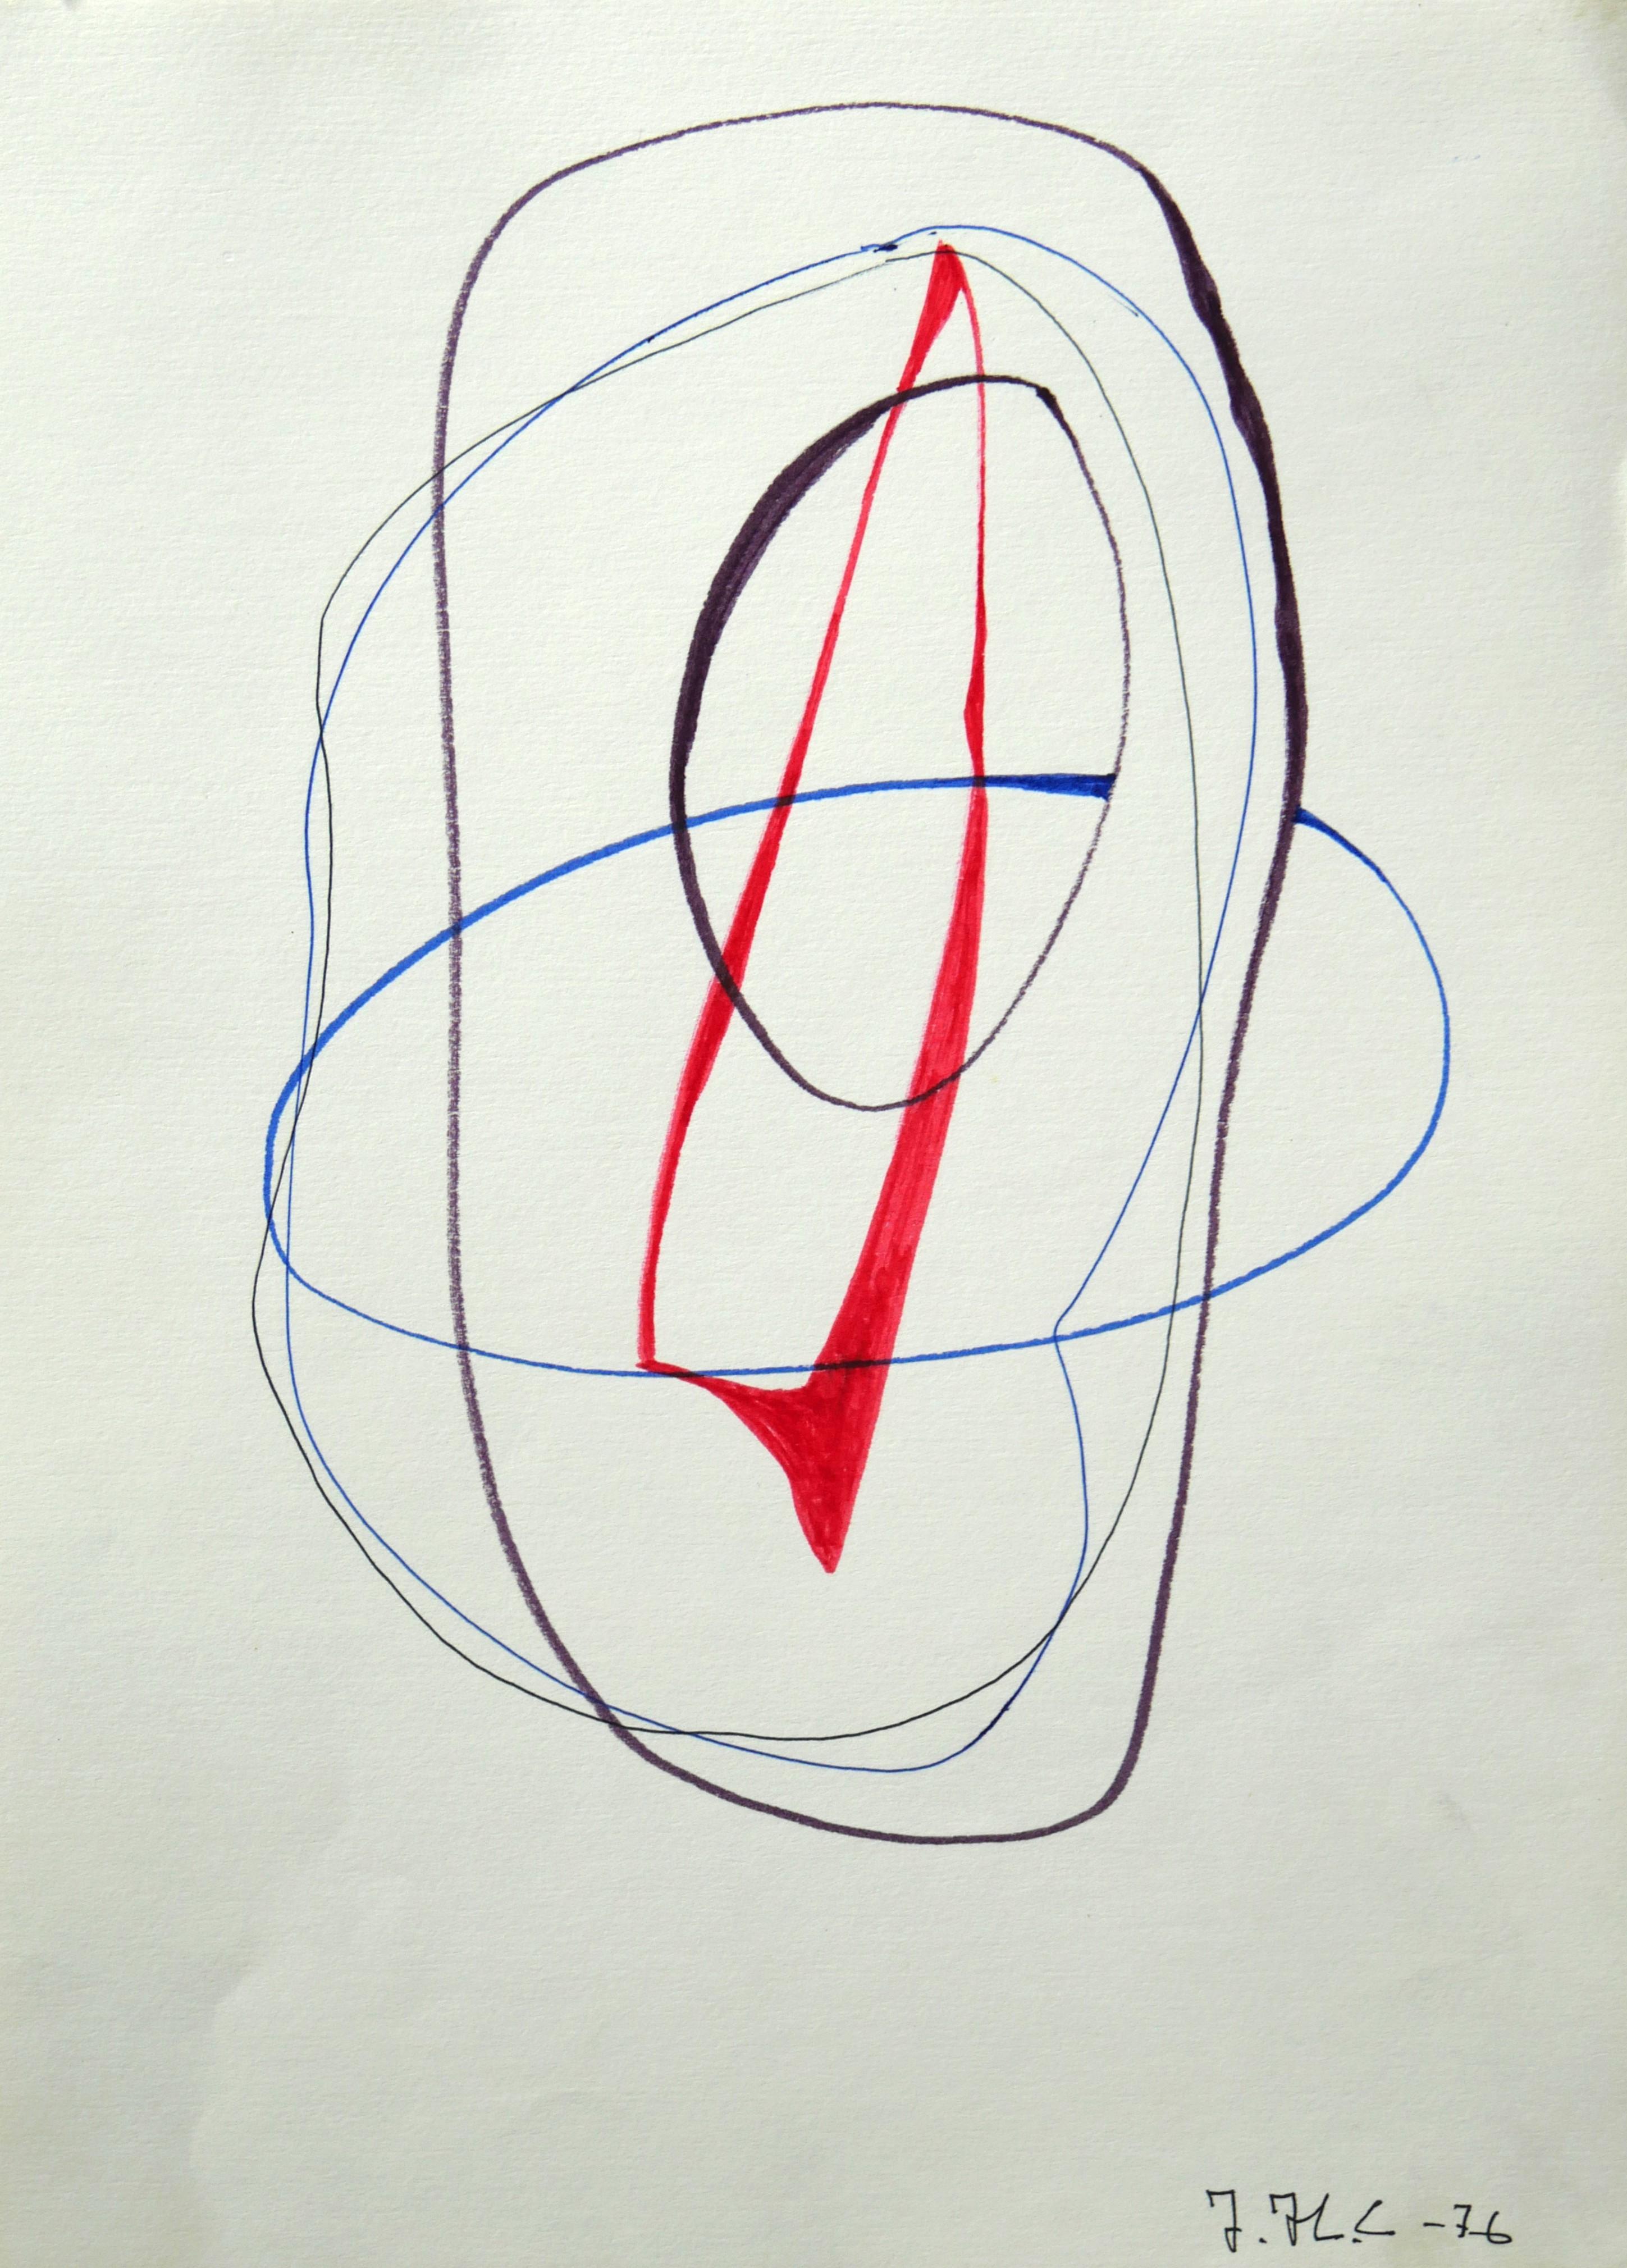 1976.10. Forma abstracta. 34x24,5 cms. Flomaster, negro, bermellón, azulina, sobre papel. 1976